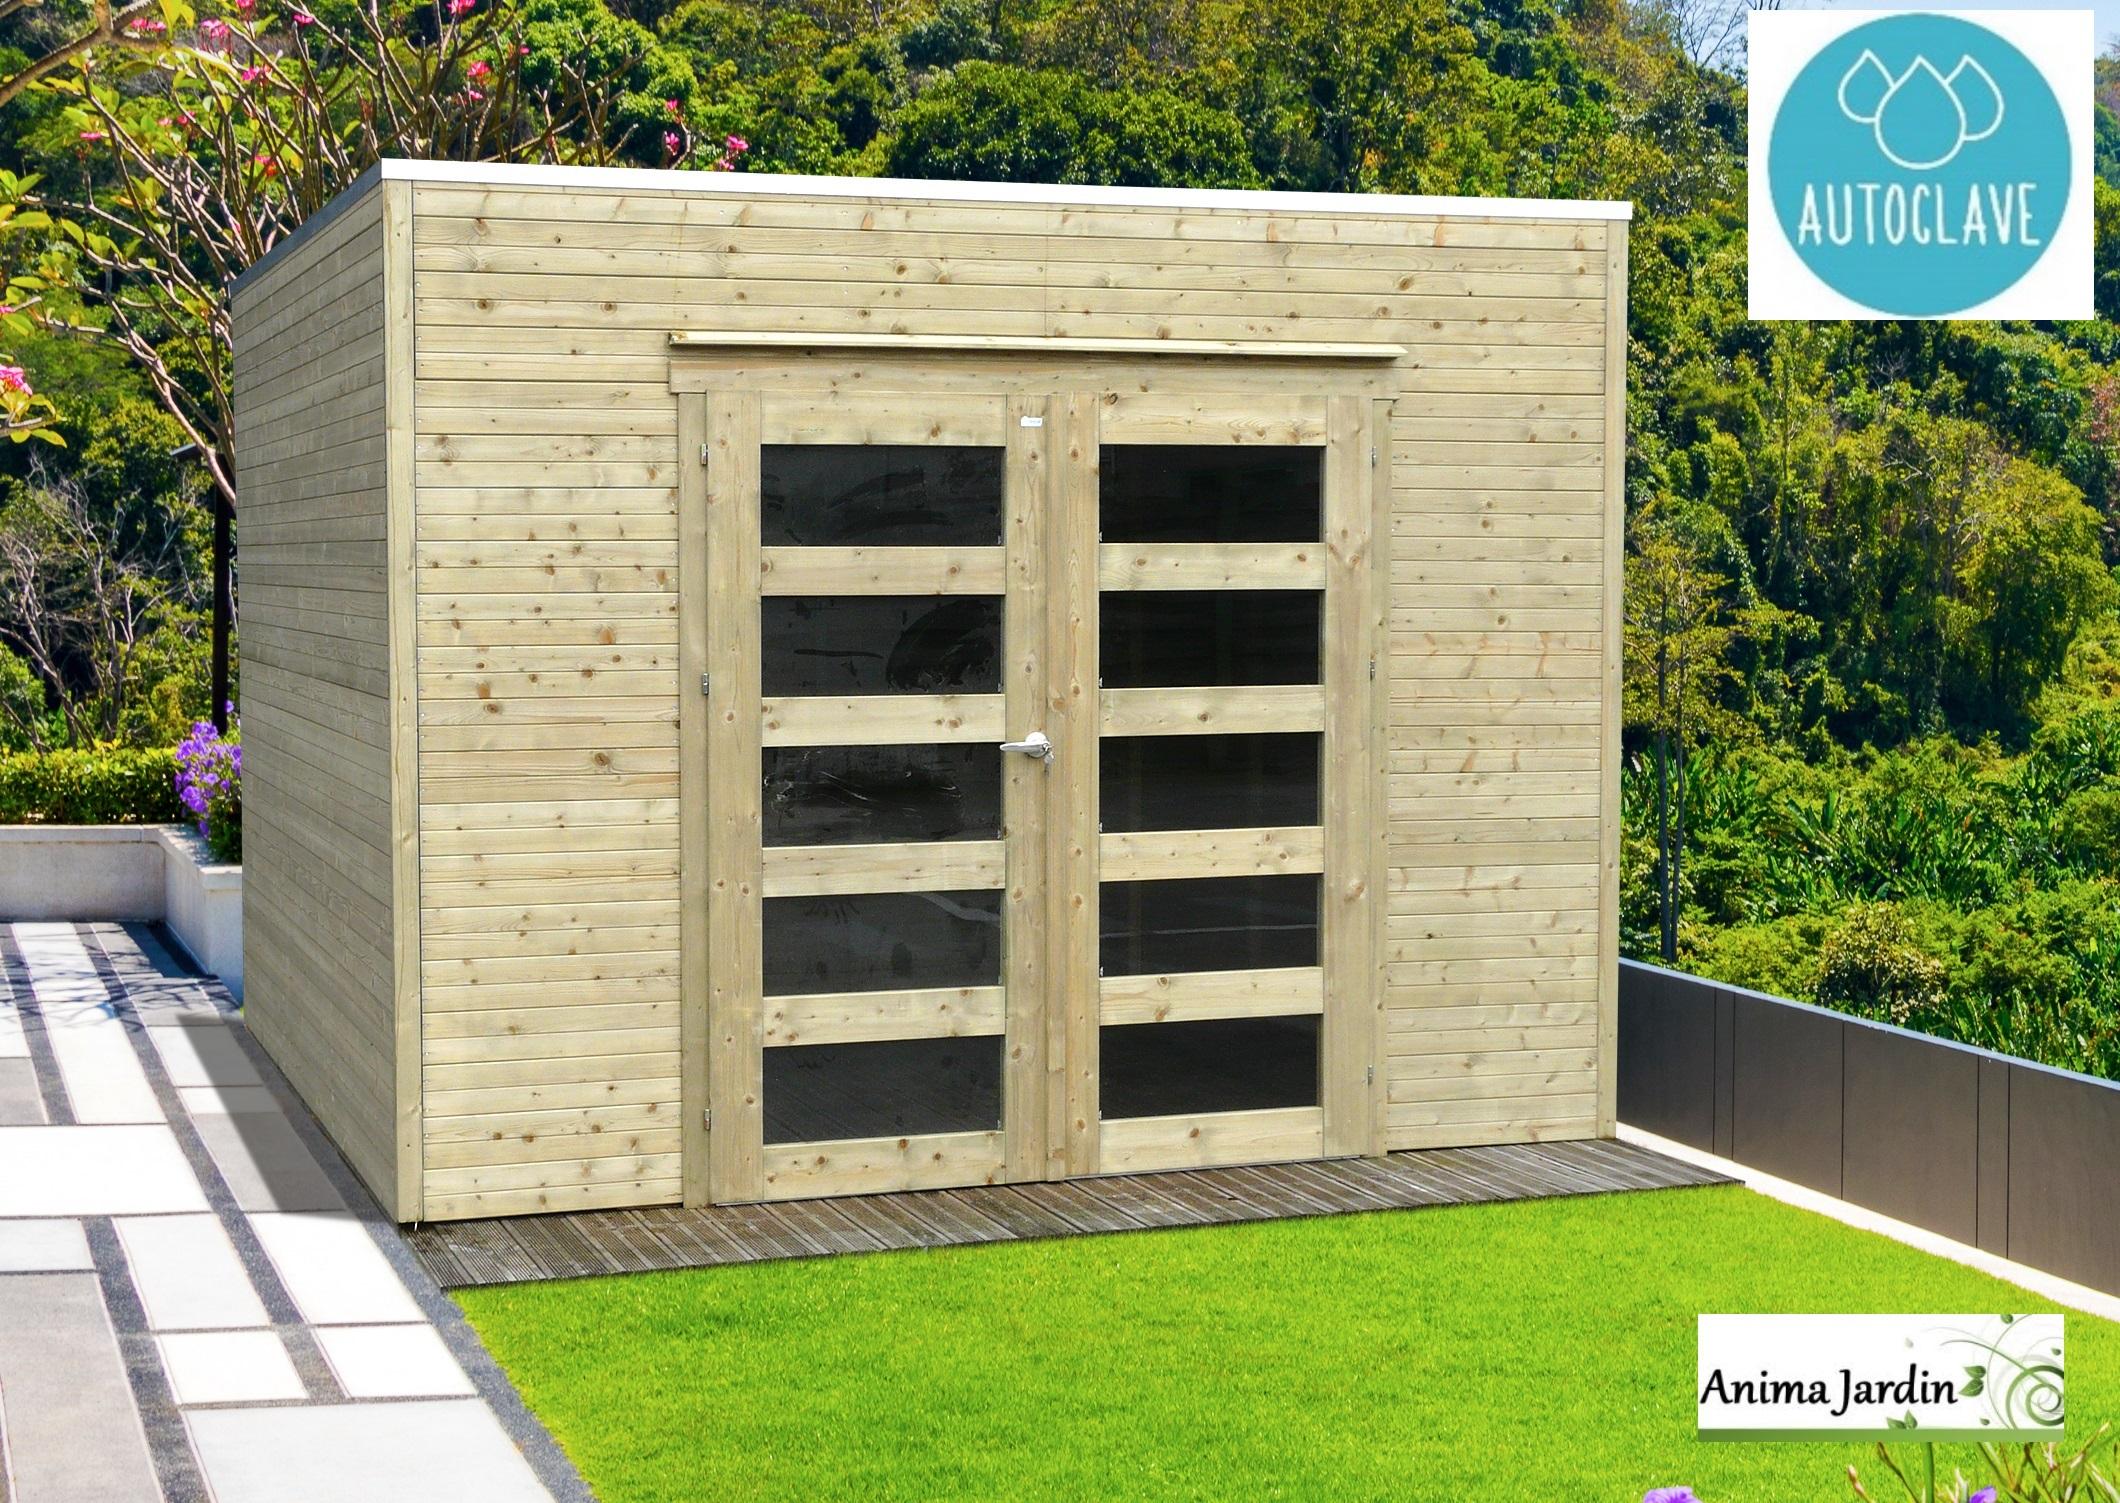 Abri De Jardin En Bois Autoclave 19Mm, Bari, 8M², Toit Plat ... serapportantà Abri Jardin Autoclave